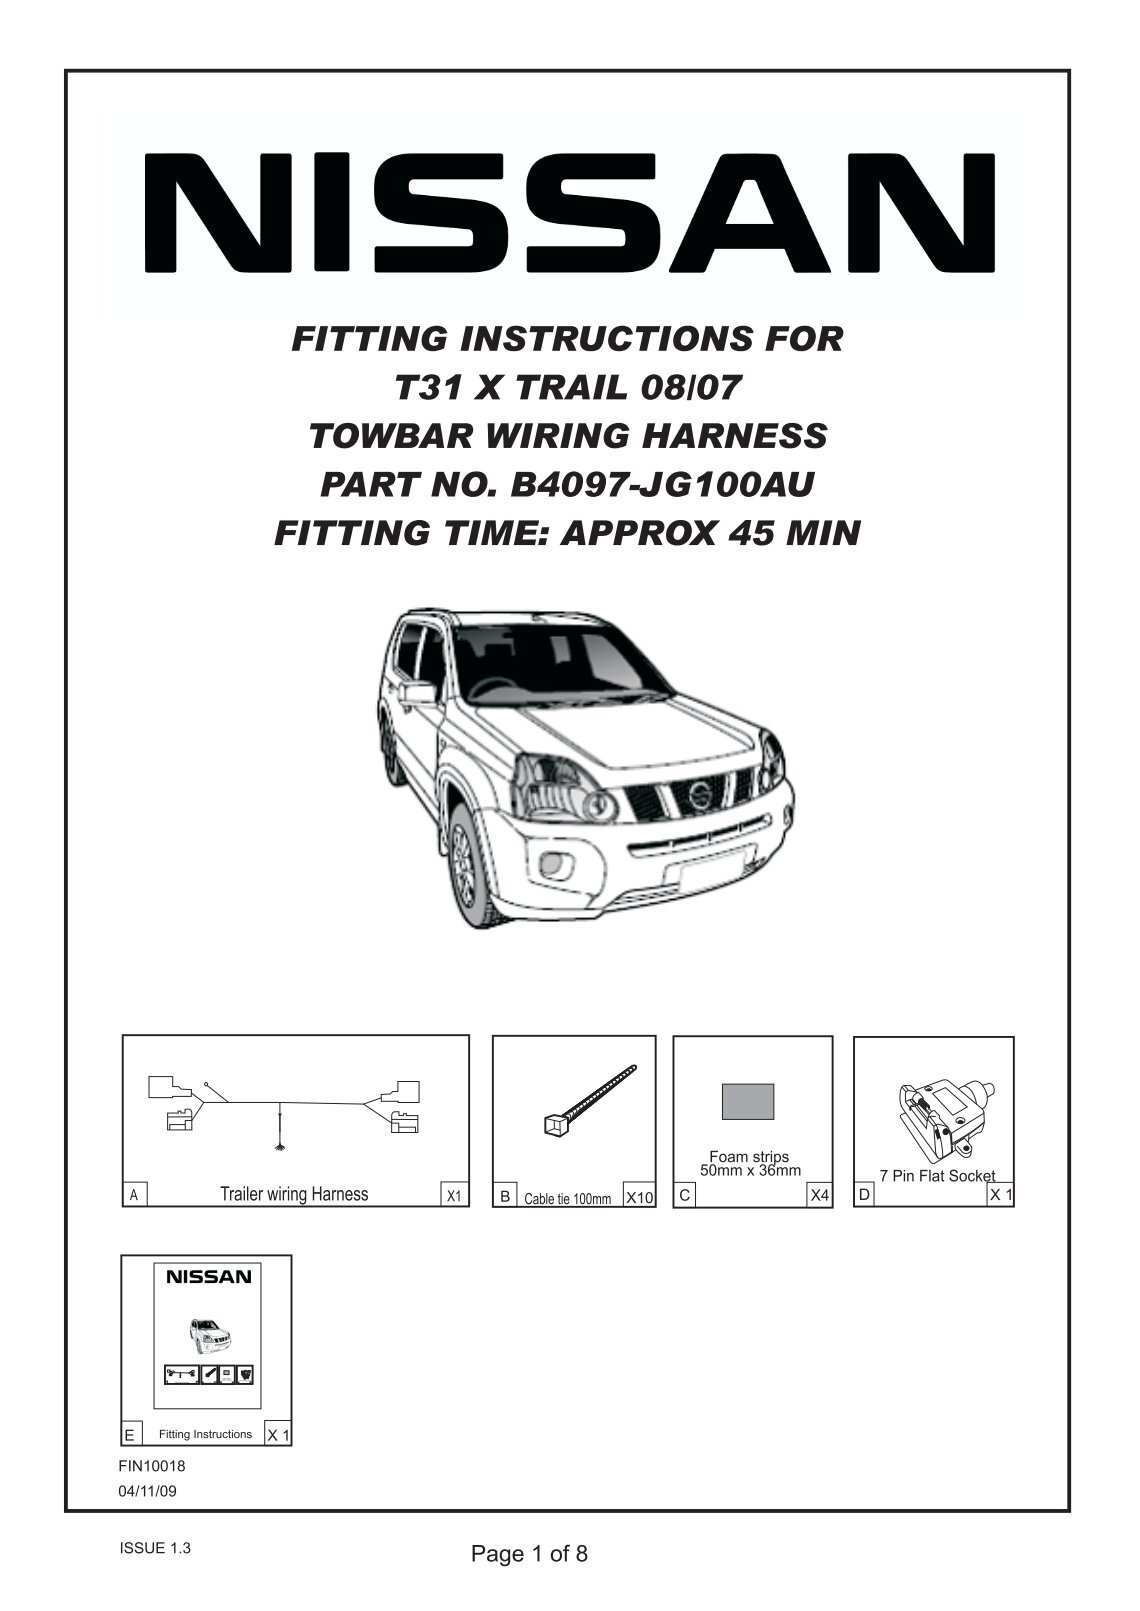 John Deere Wiring Diagrams Besides 7 Pin Trailer Plug Wiring Diagram